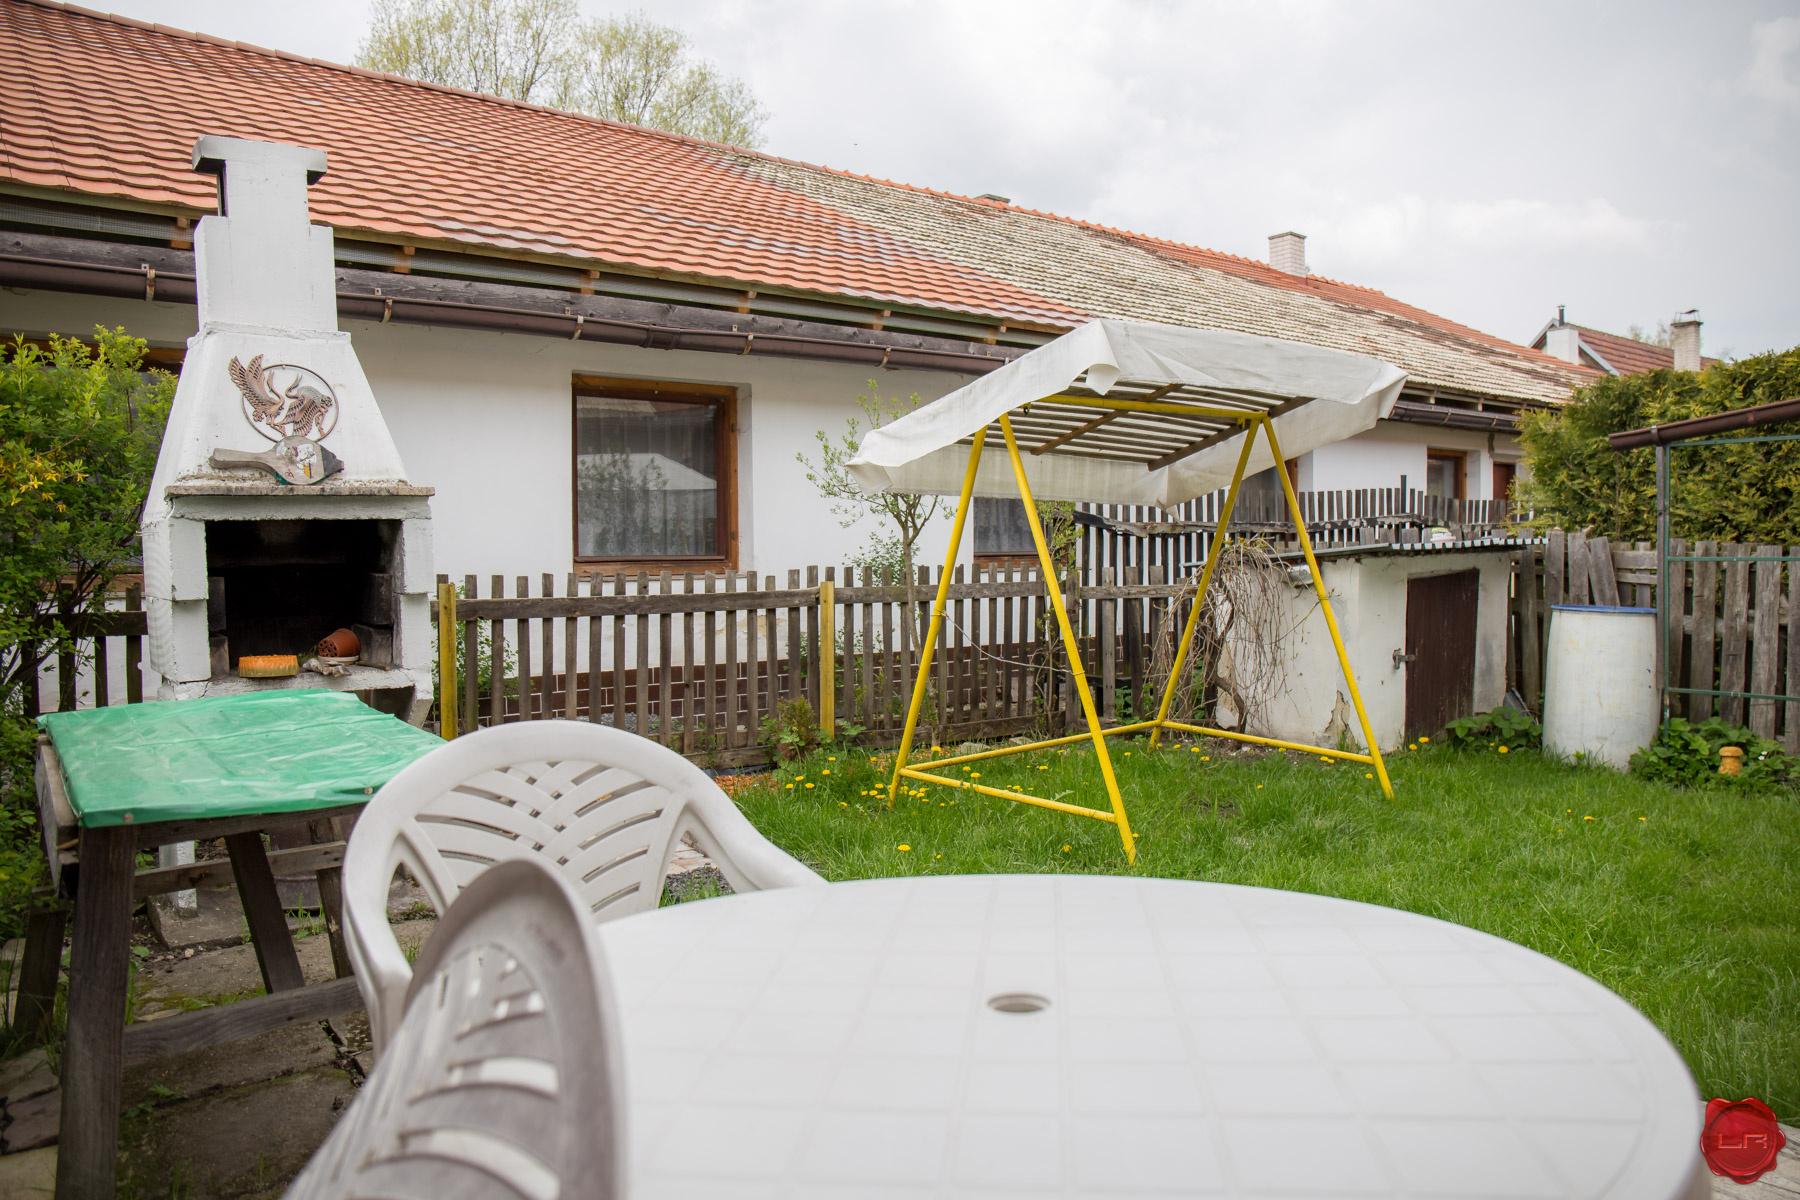 znížená cena! Chalupa so záhradou v Hrabušiciach, NP Slovenský raj